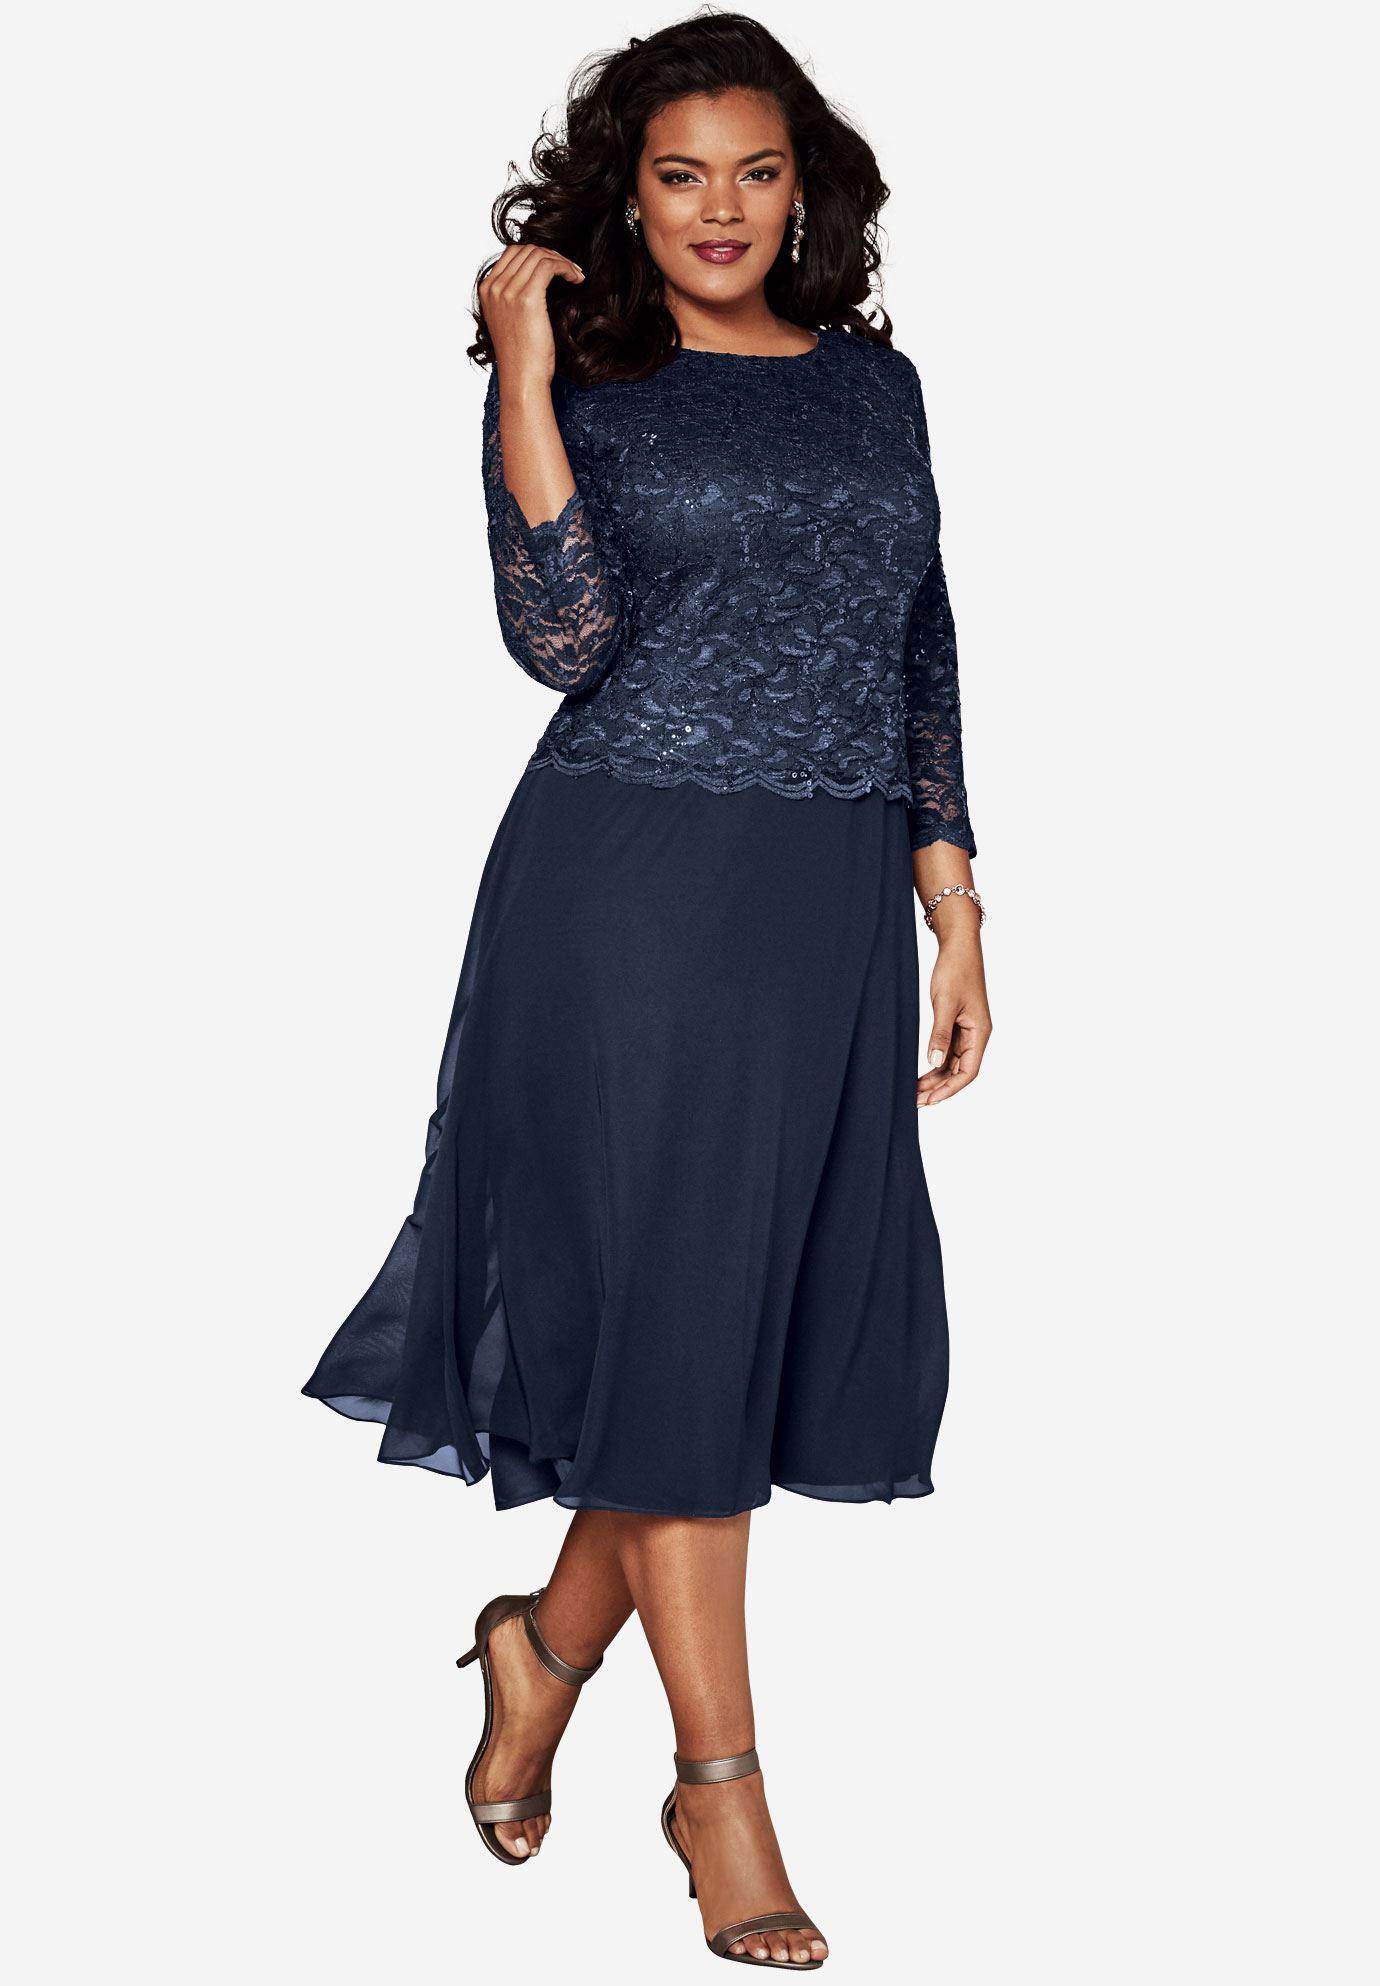 Lace Popover Dress | Plus Size Evening Dresses | Roaman\'s